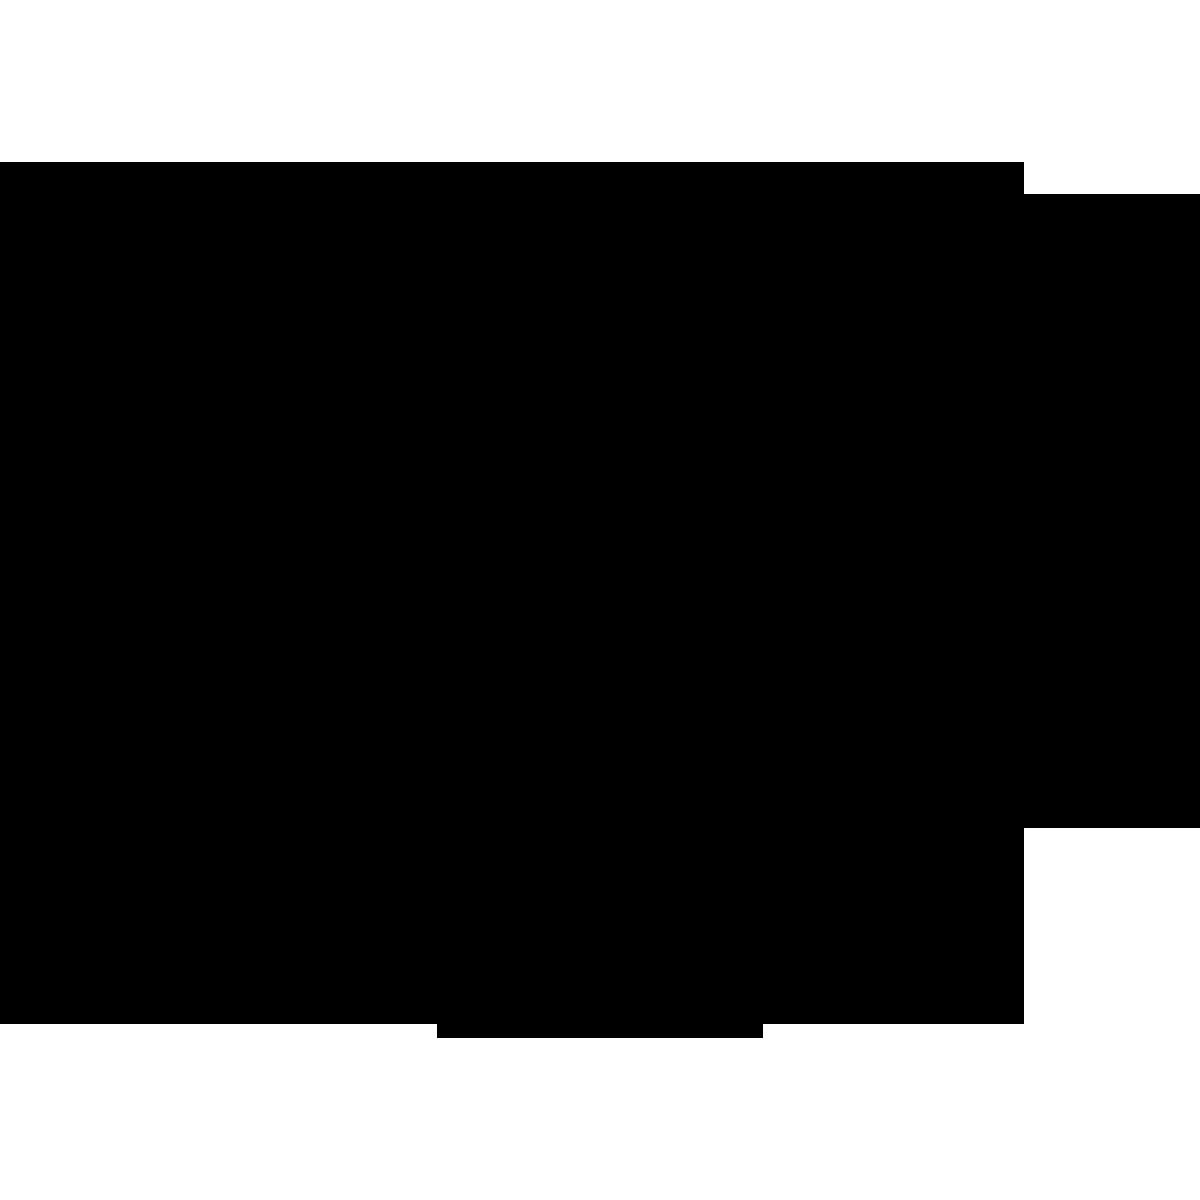 इस्लाम धर्ममा